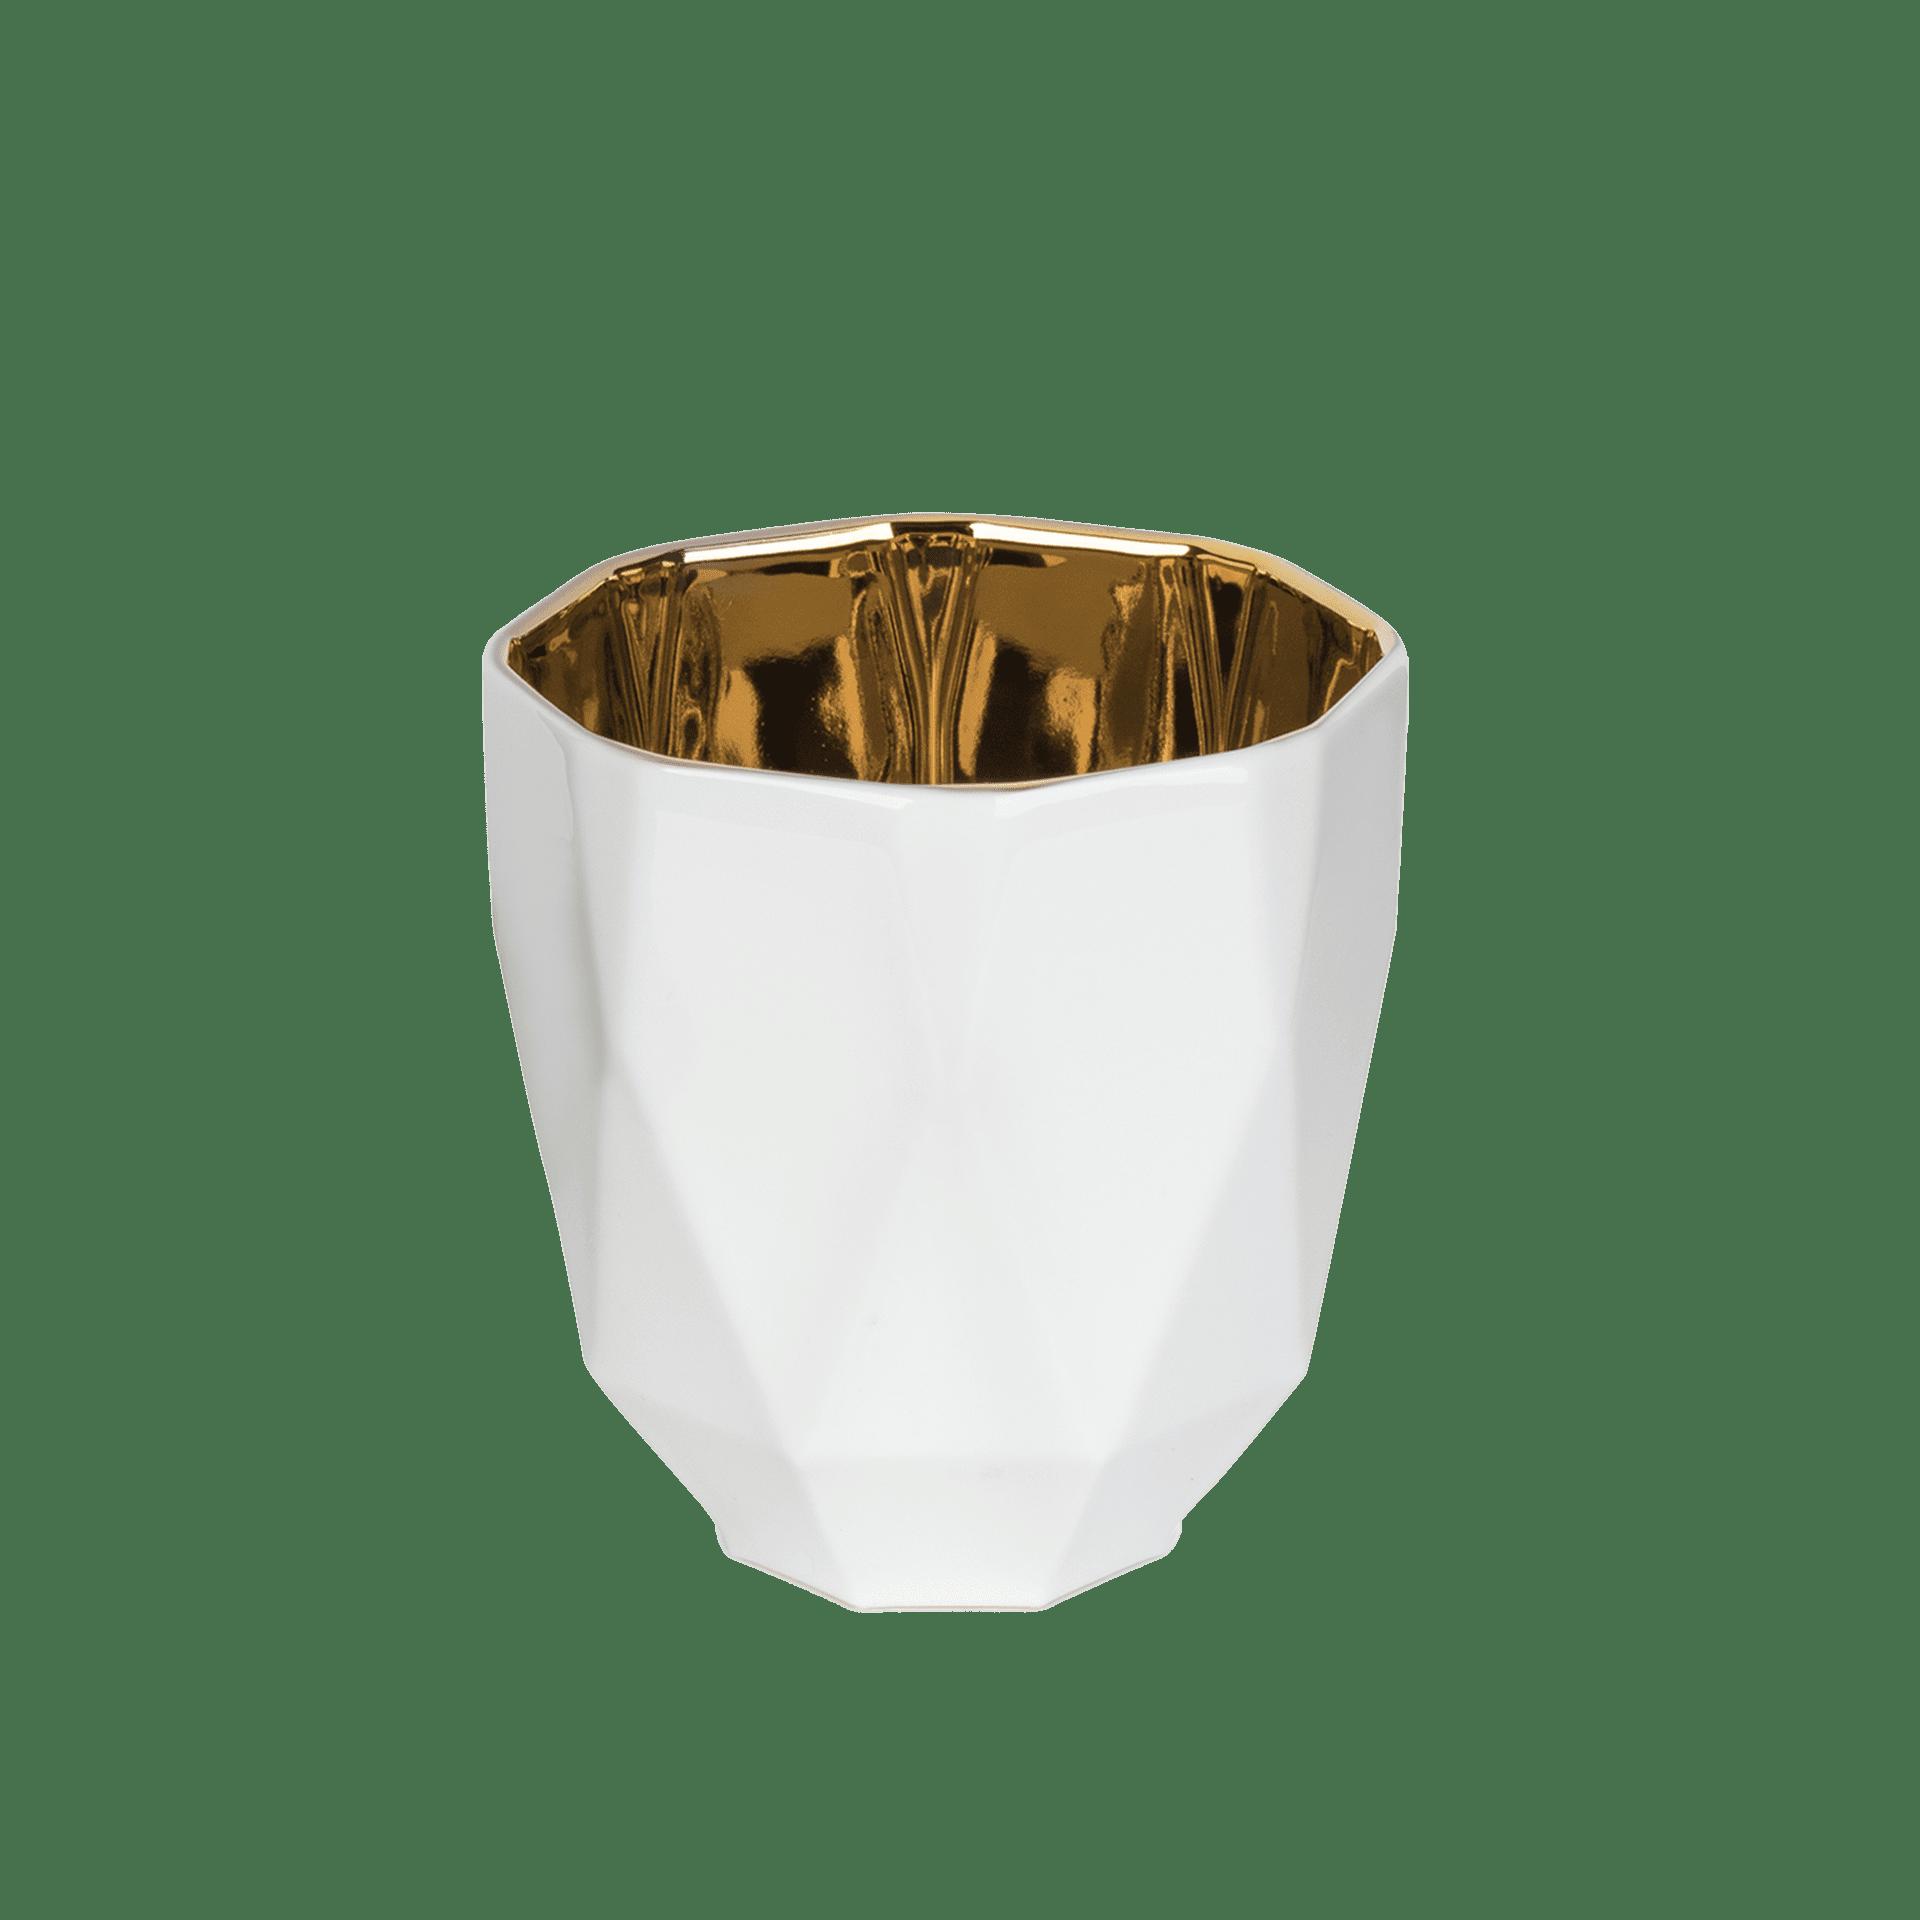 Porzellan Windlicht mit Gold